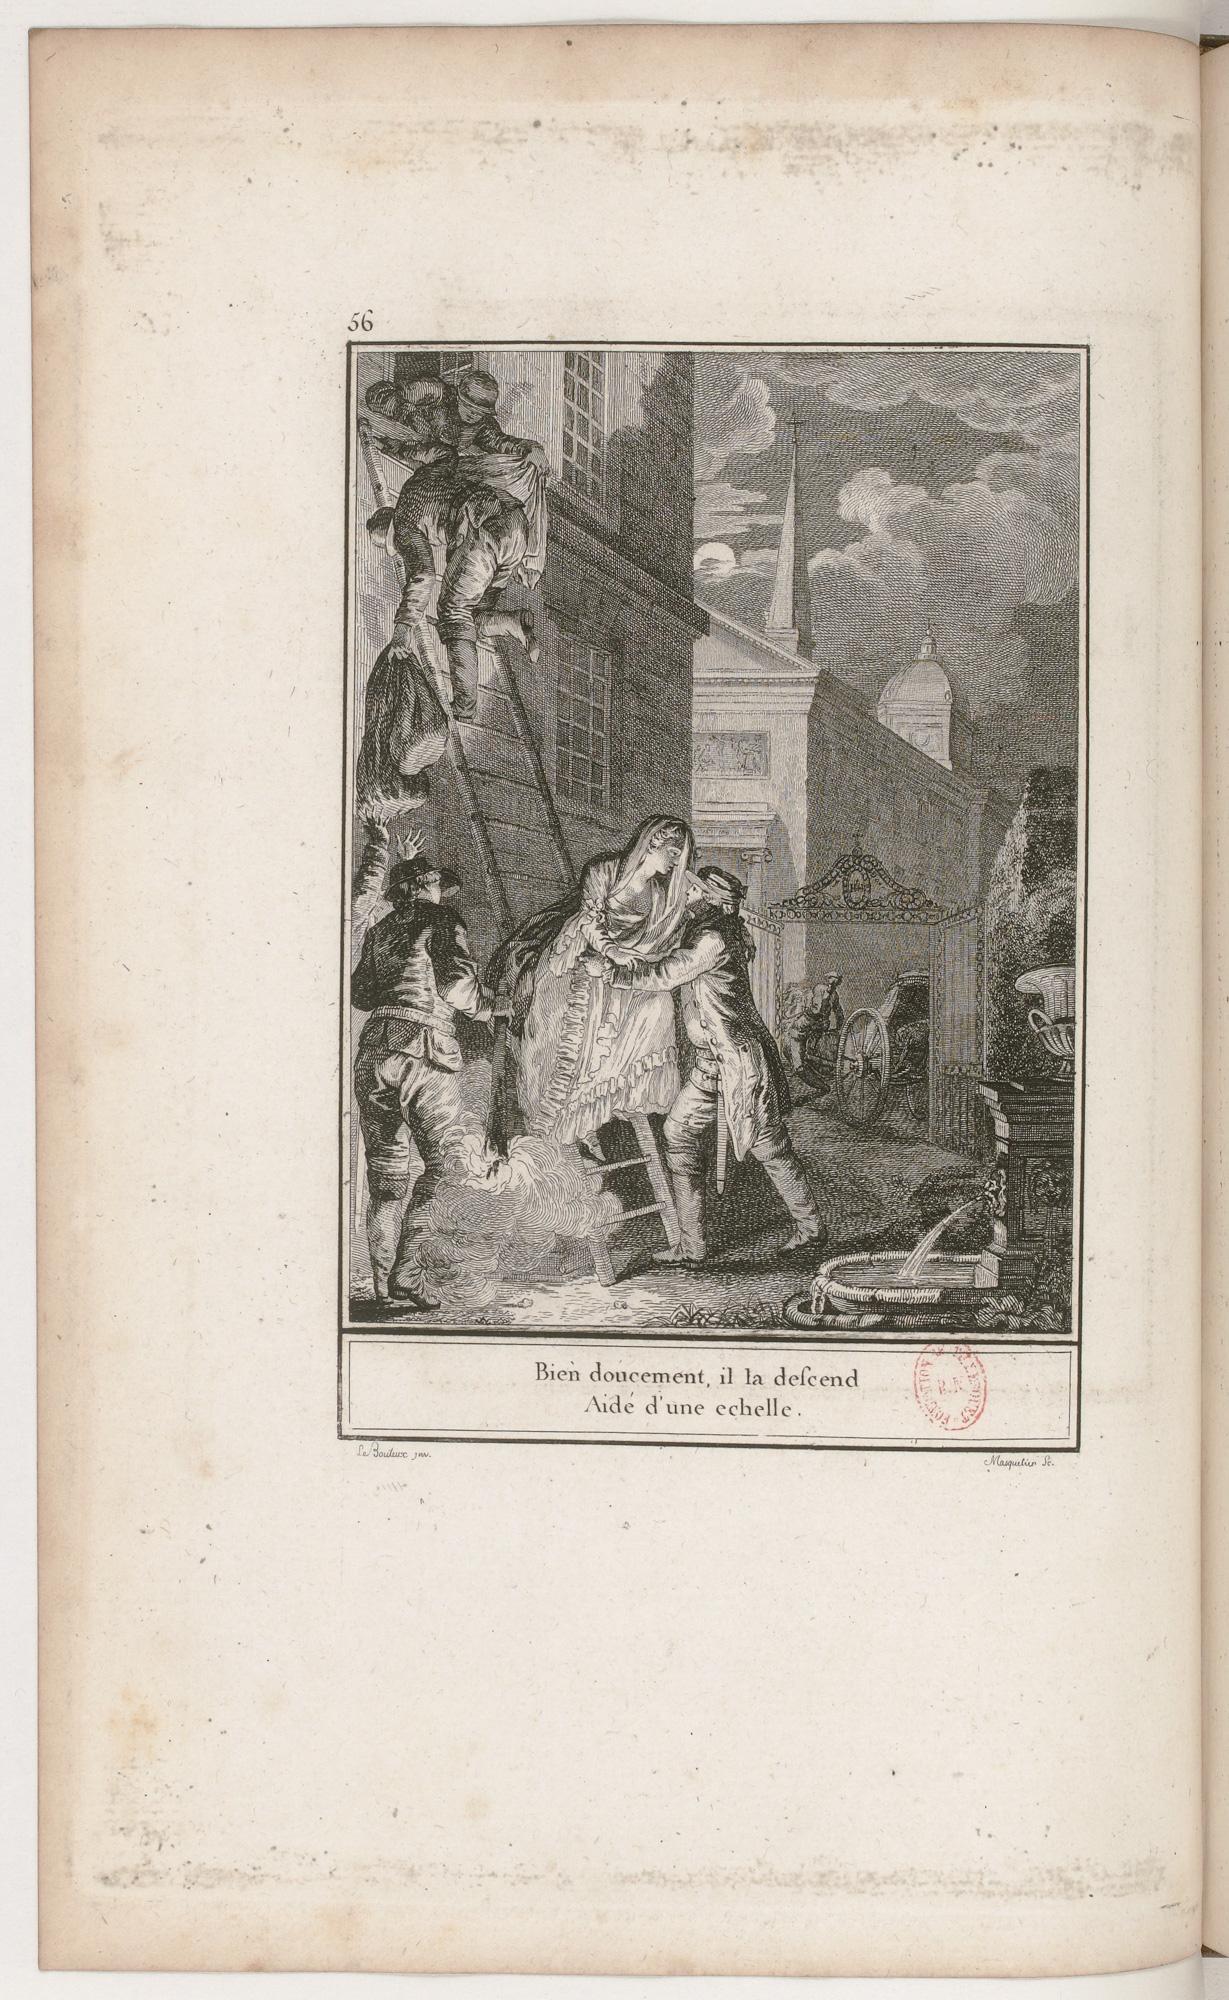 S.2.10 L'enlévement,1772, Image